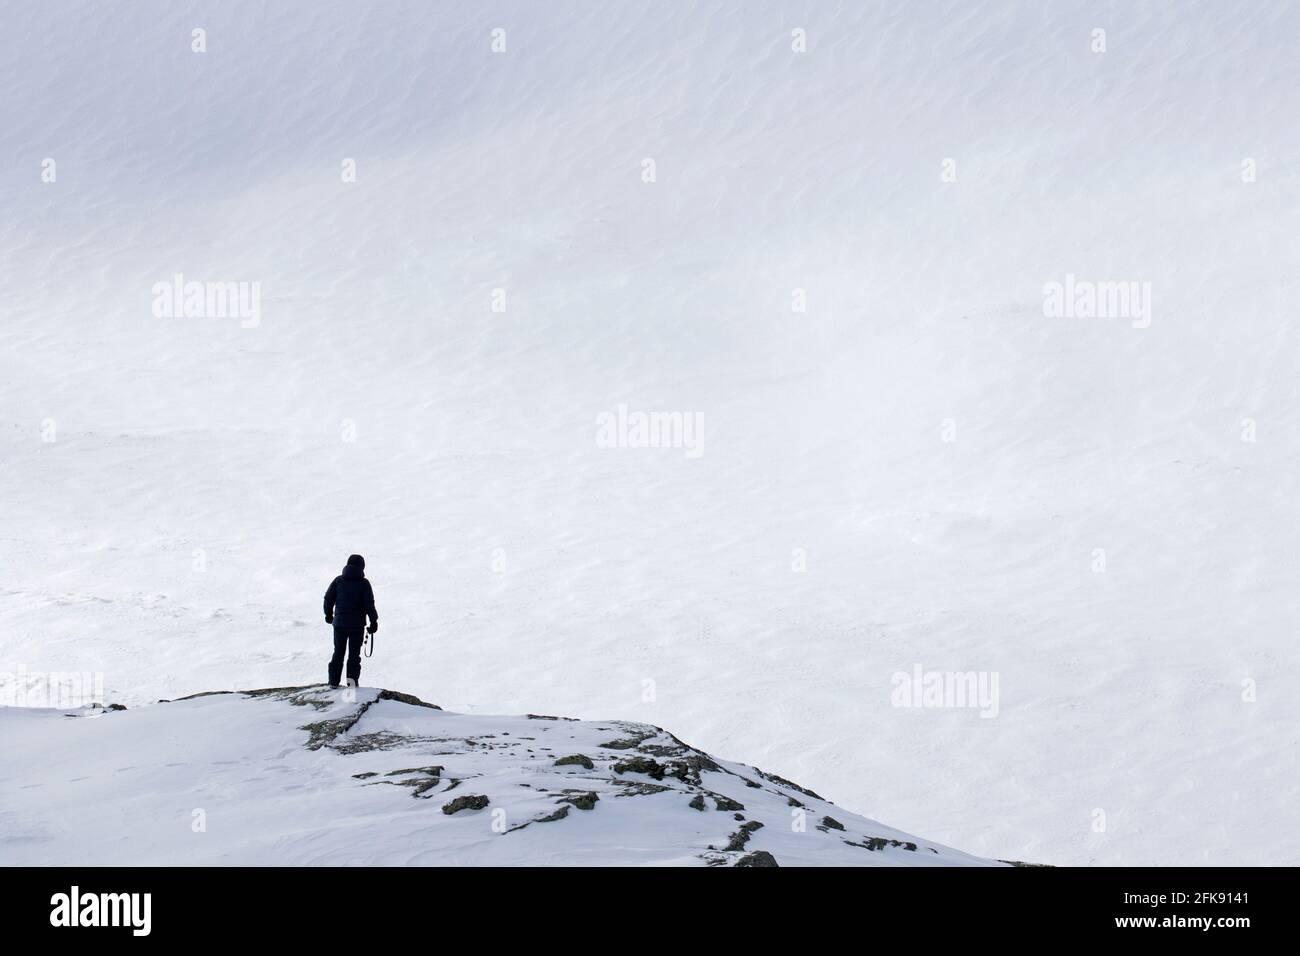 Touriste solitaire regardant sur la plaine enneigée dans le parc national de Dovrefjell–Sunndalsfjella en hiver, Norvège Banque D'Images